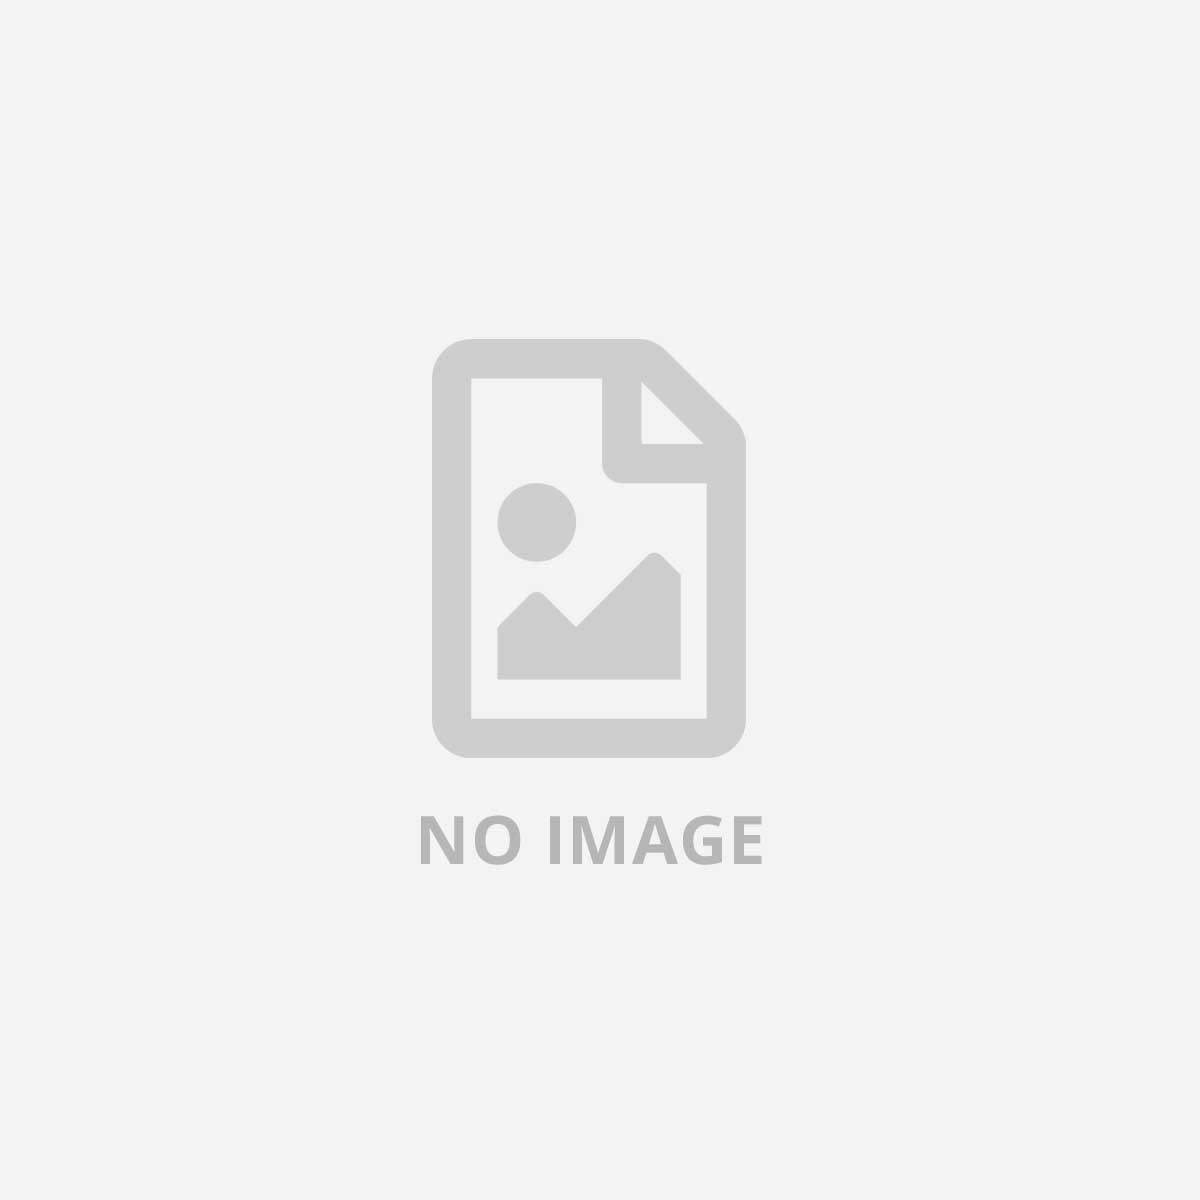 ZEBRA TC21 HC 2D 3GB/32GB WIFI NFC BTLE